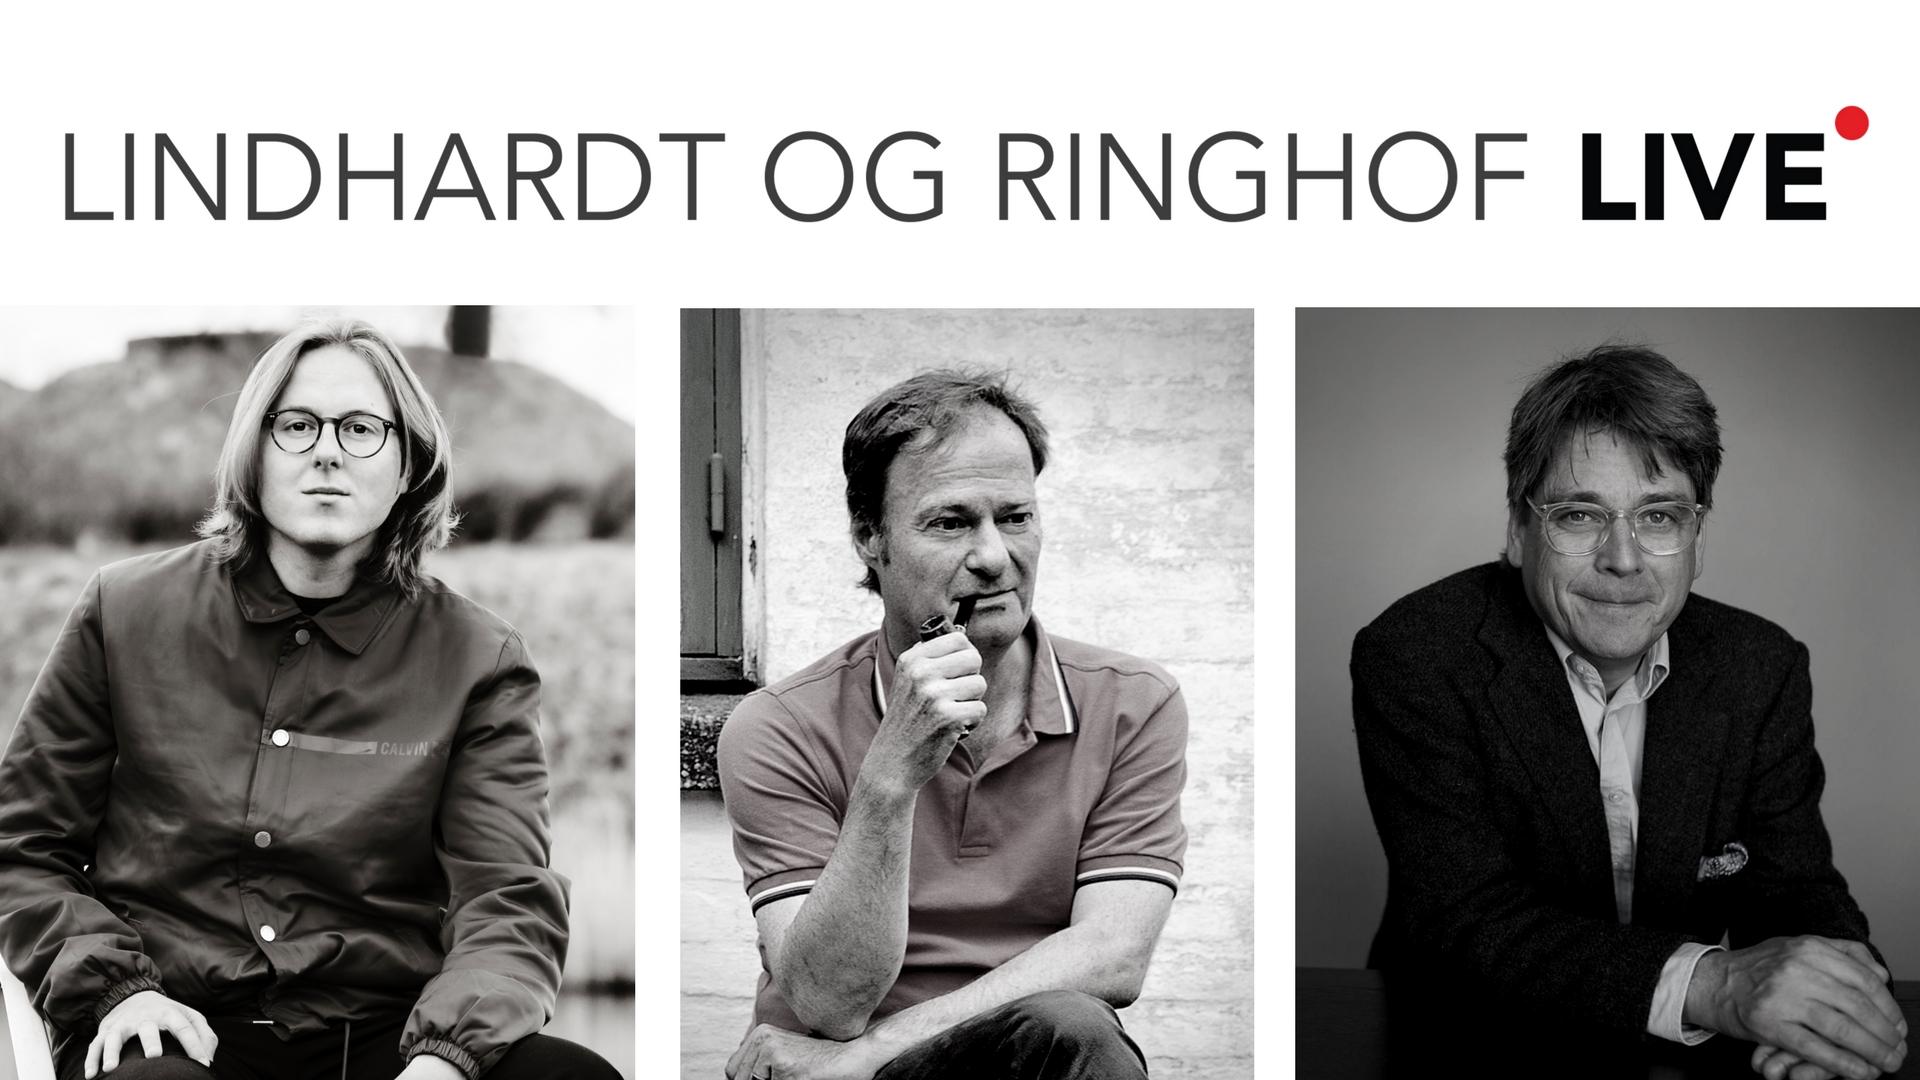 Lindhardt og Ringhof LIVE med Thomas Korsgaard, Knud Romer og Peter Lund Madsen